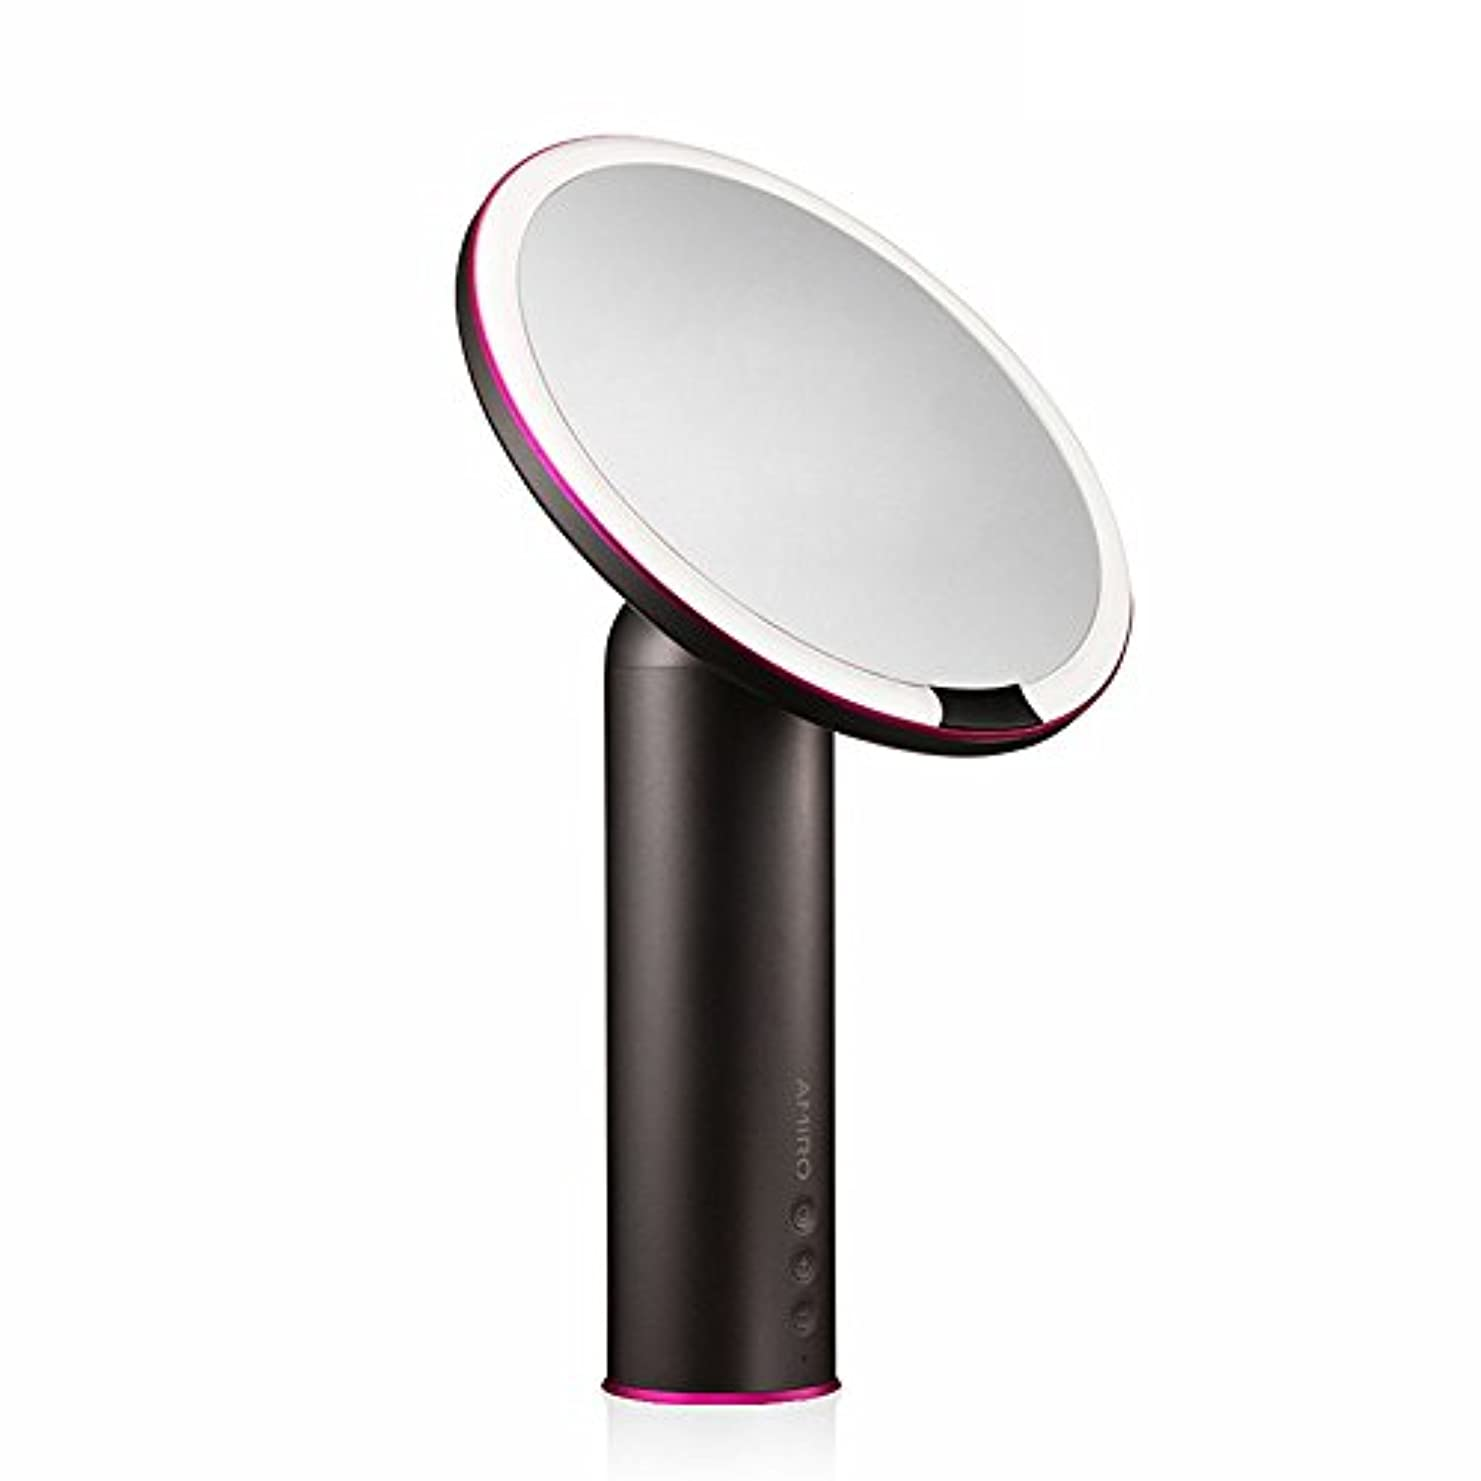 代理店ライフル欺AMIRO LED化粧鏡 人感センサー付き 化粧ミラー LEDライト付き 卓上鏡 女優ミラー 3段階明るさ調節可能 コードレス 充電式